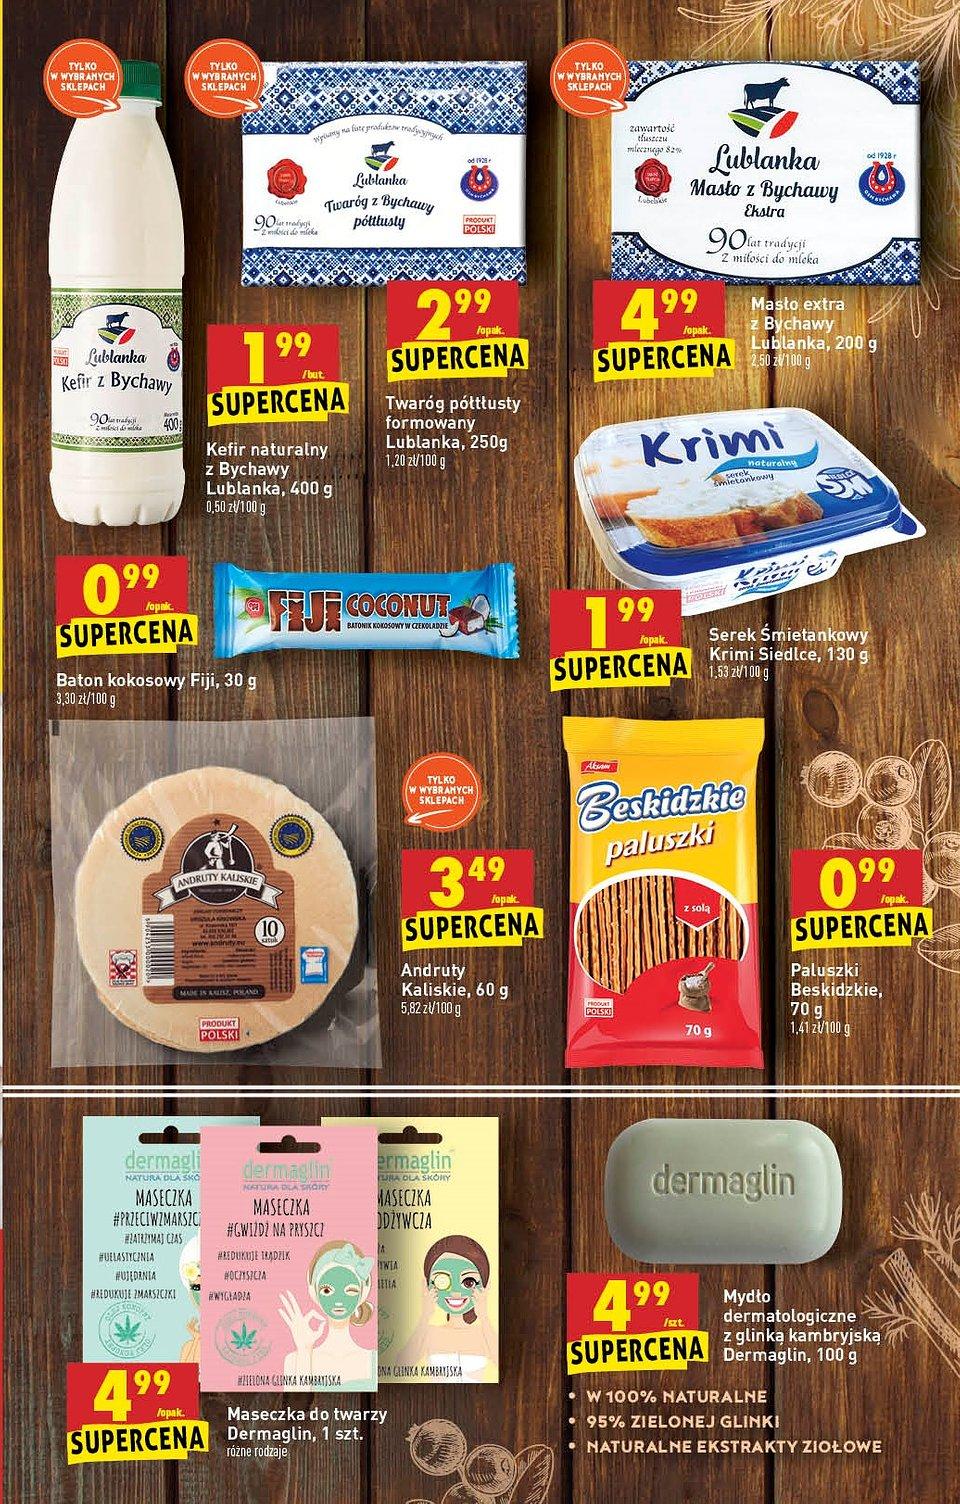 Produkty od małych producentów w ofercie Biedronki